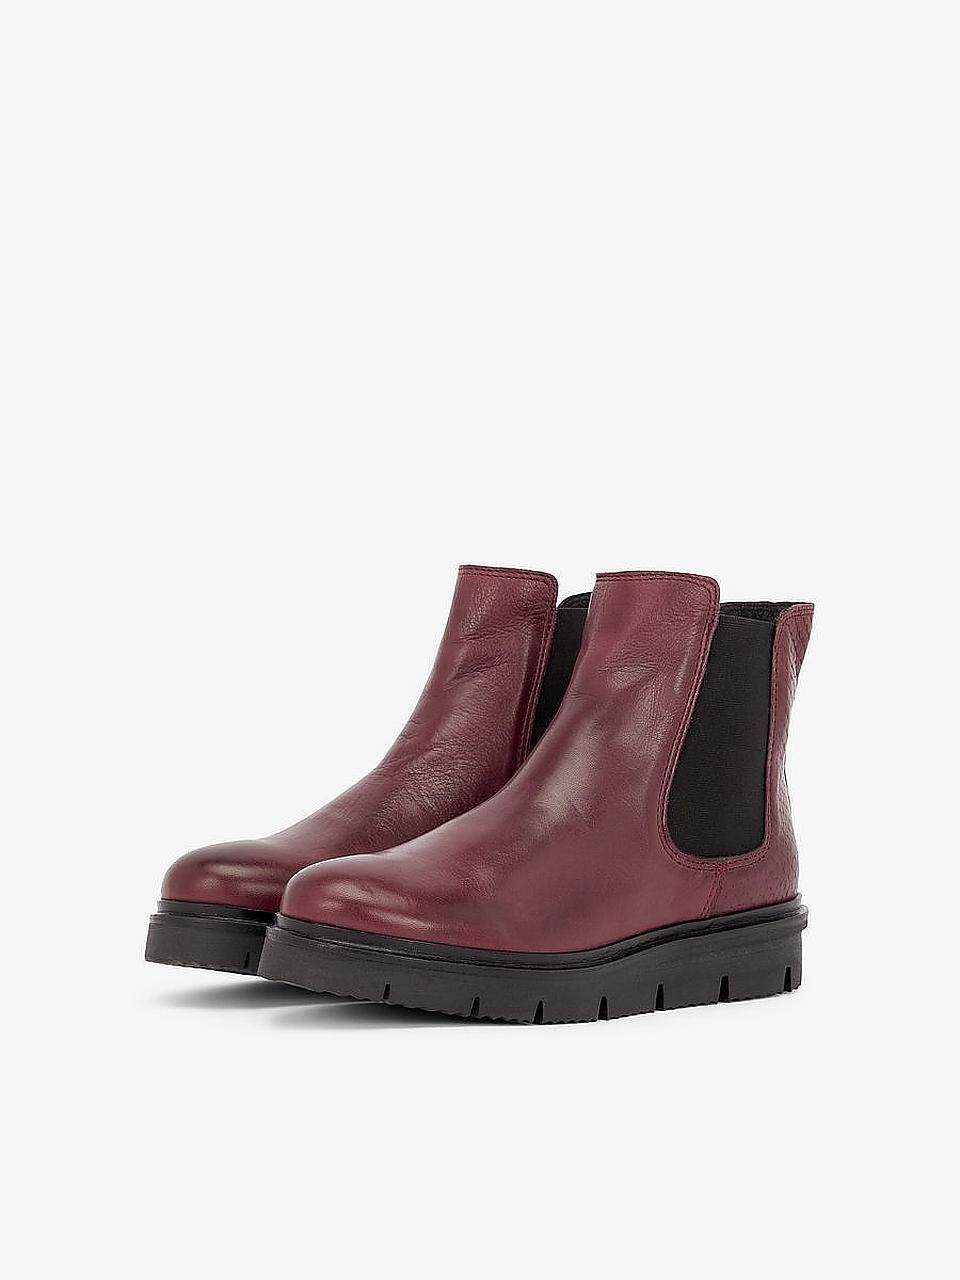 Stiefel für Herren online kaufen | Herrenmode Suchmaschine